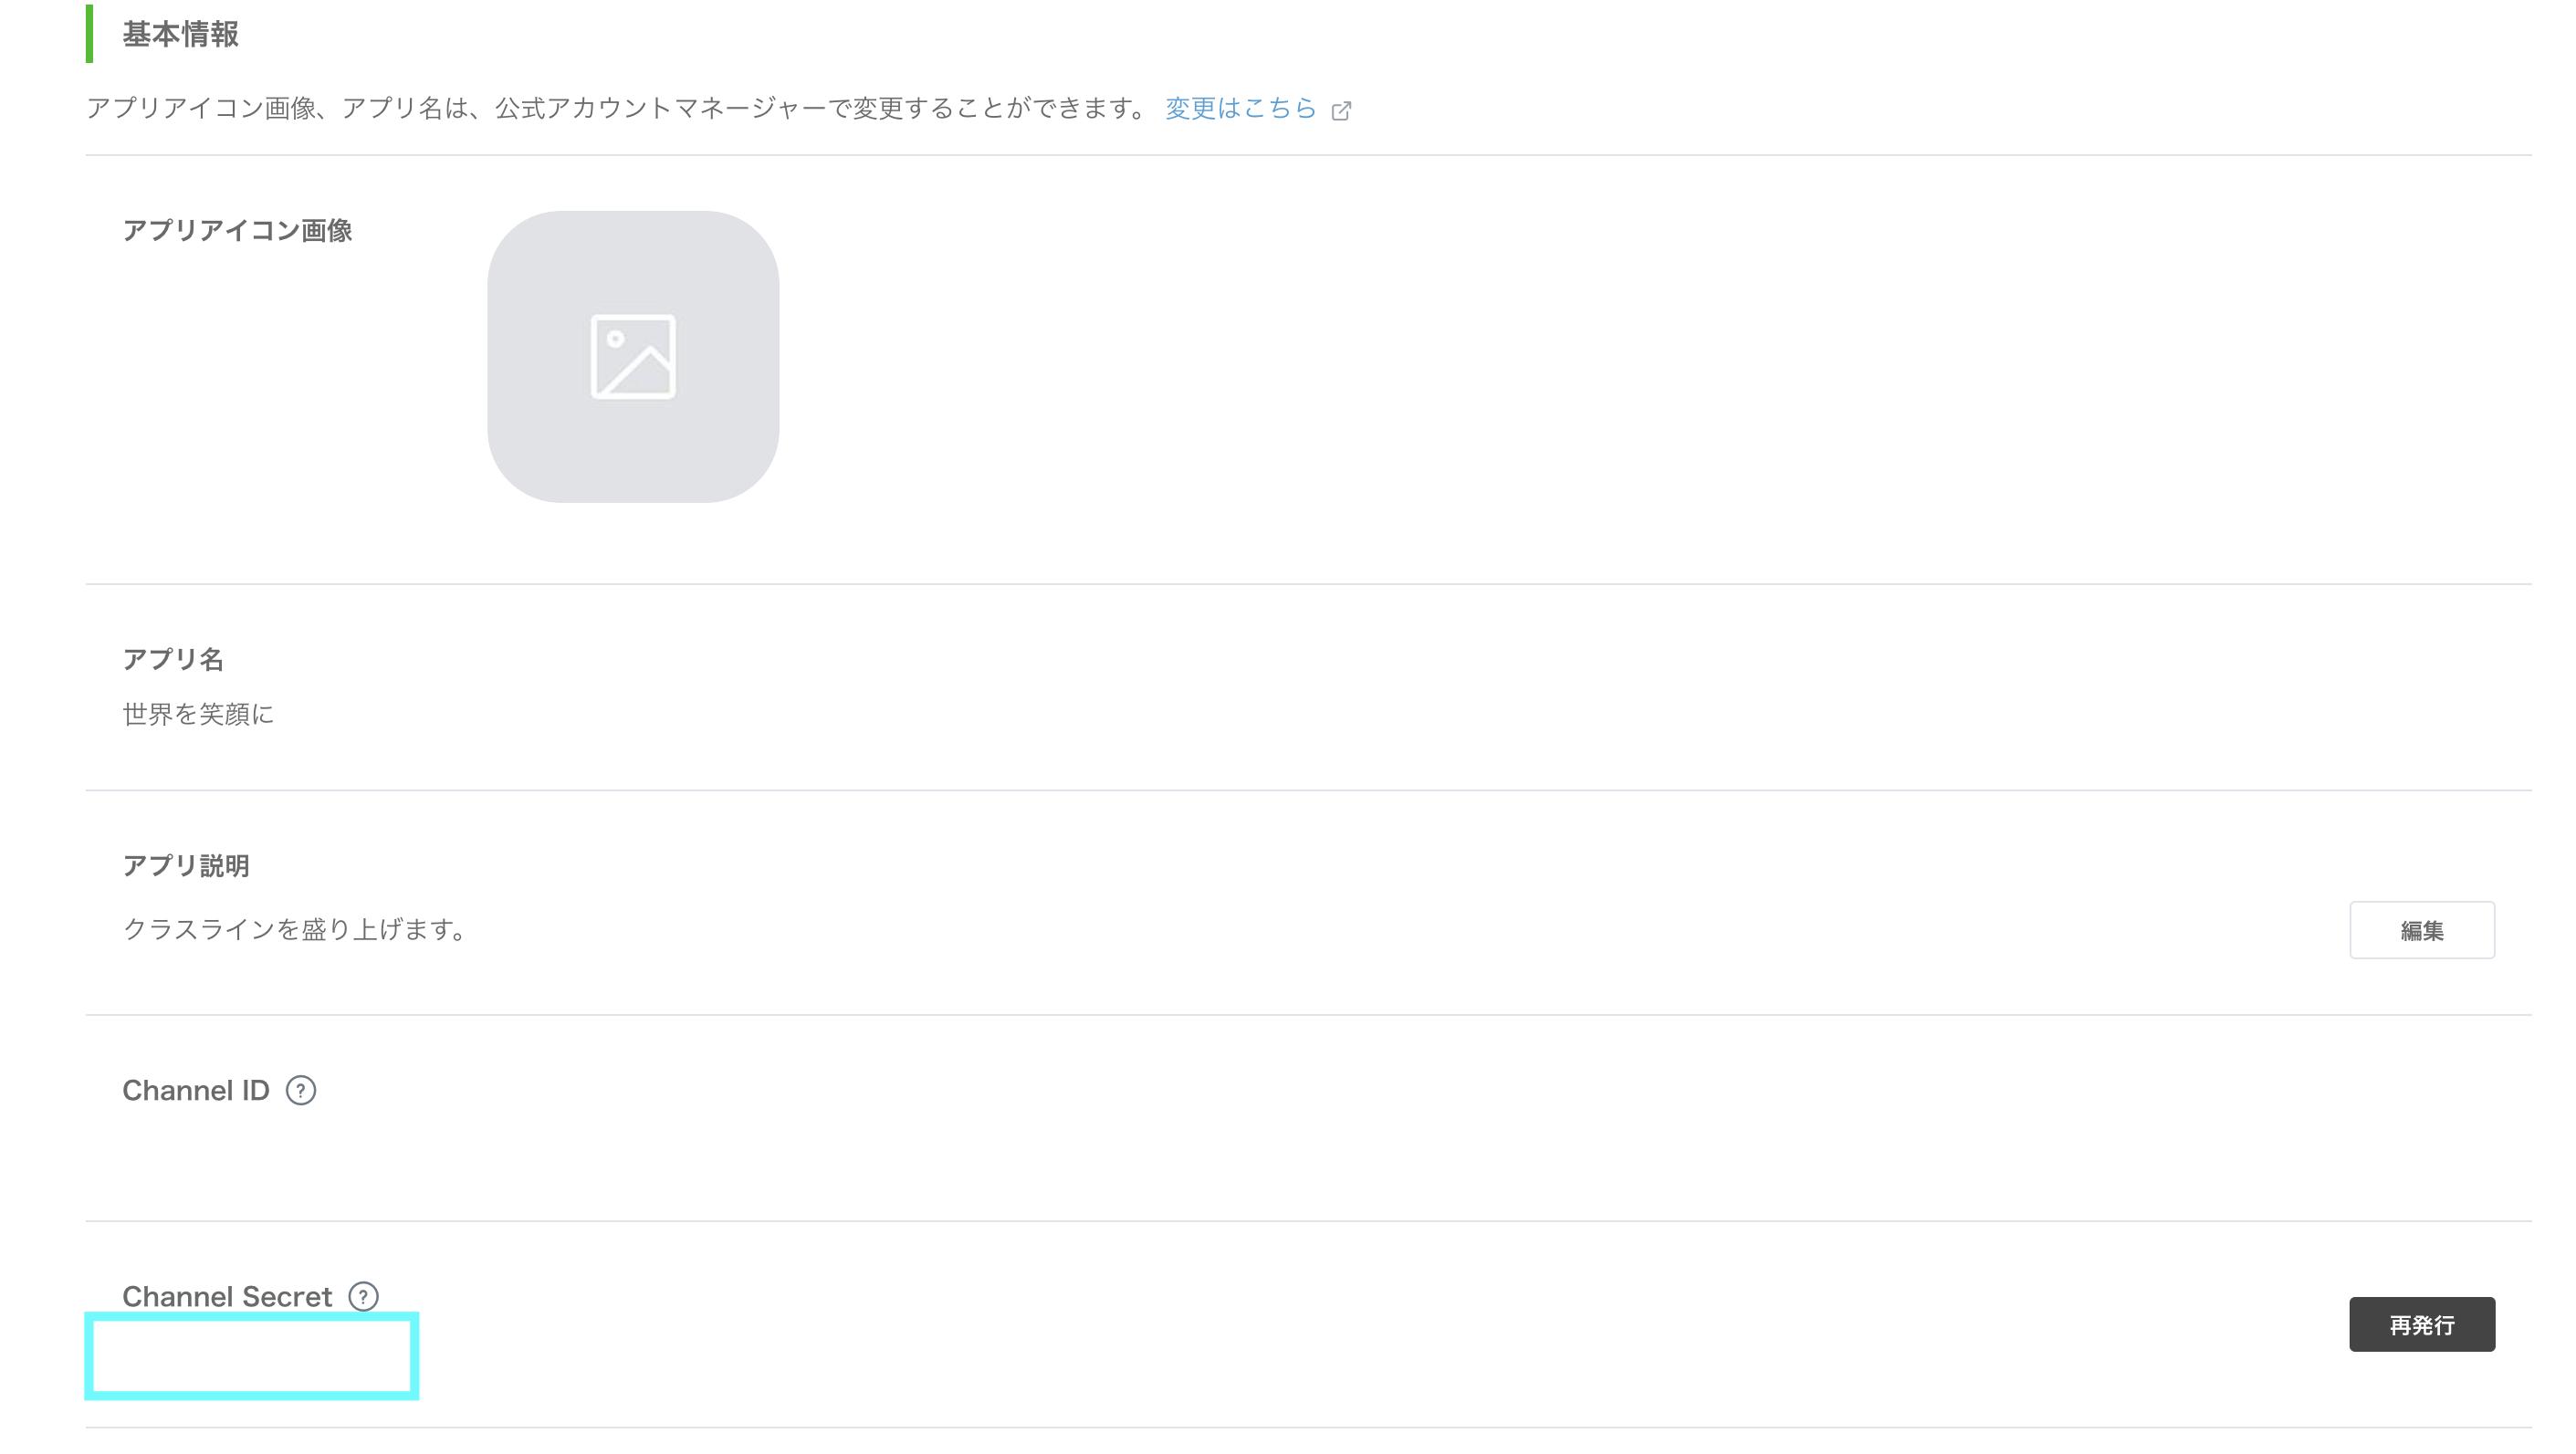 スクリーンショット 2019-01-07 16.31.32.png